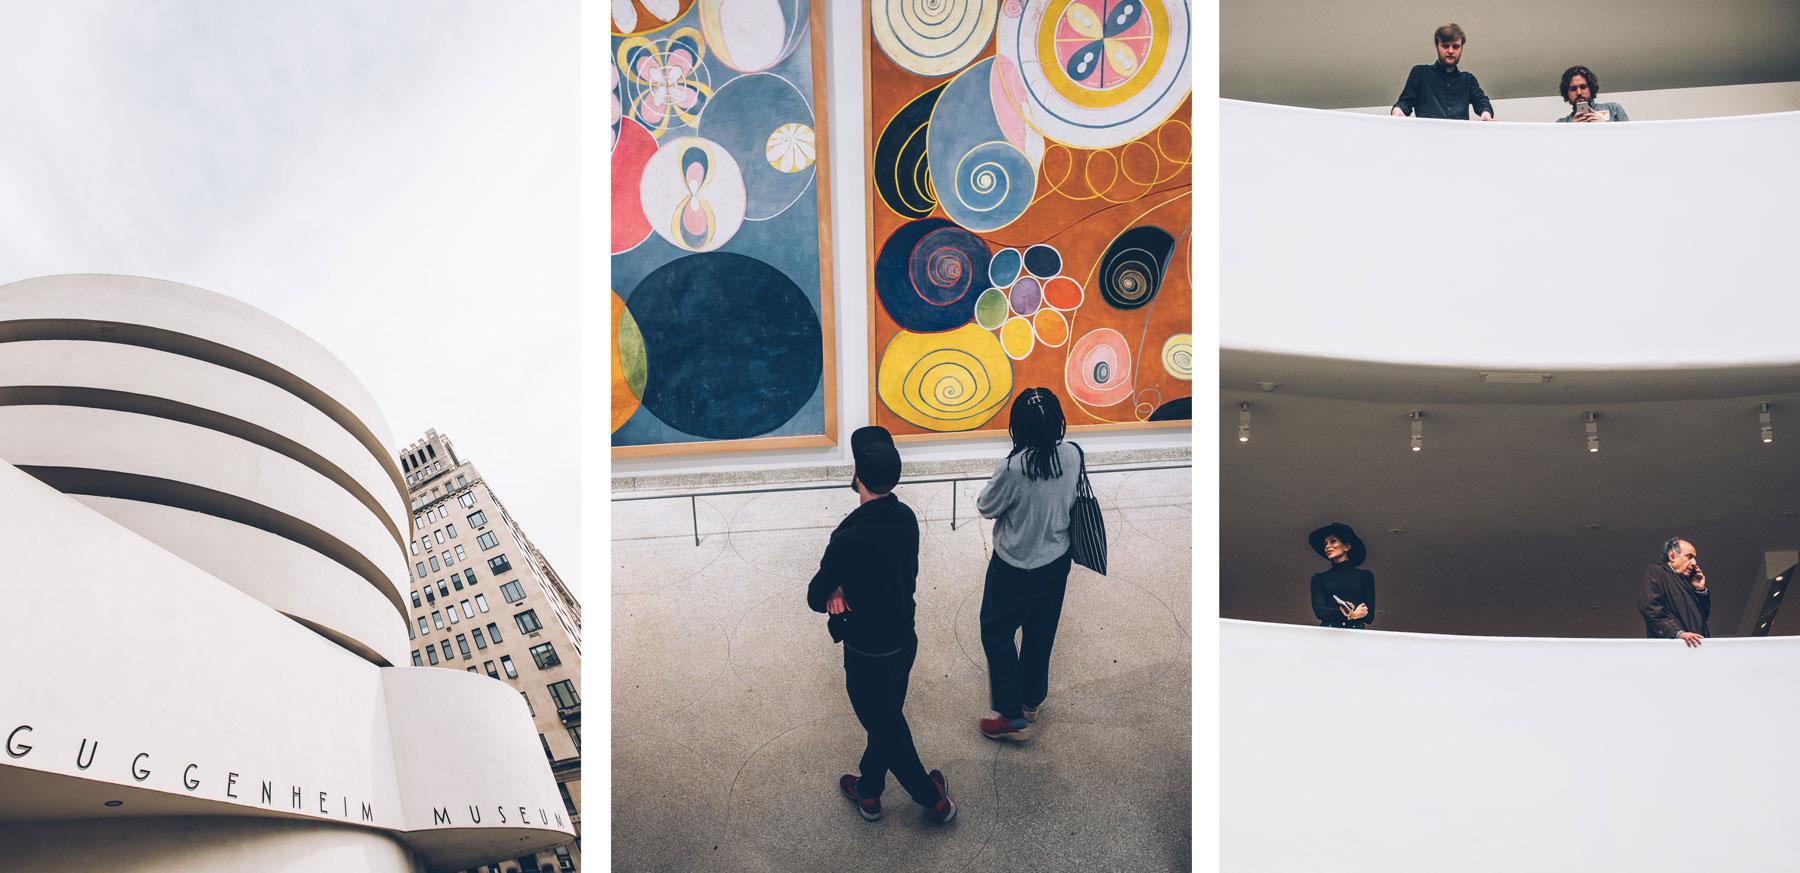 Guggenheim Musée New york